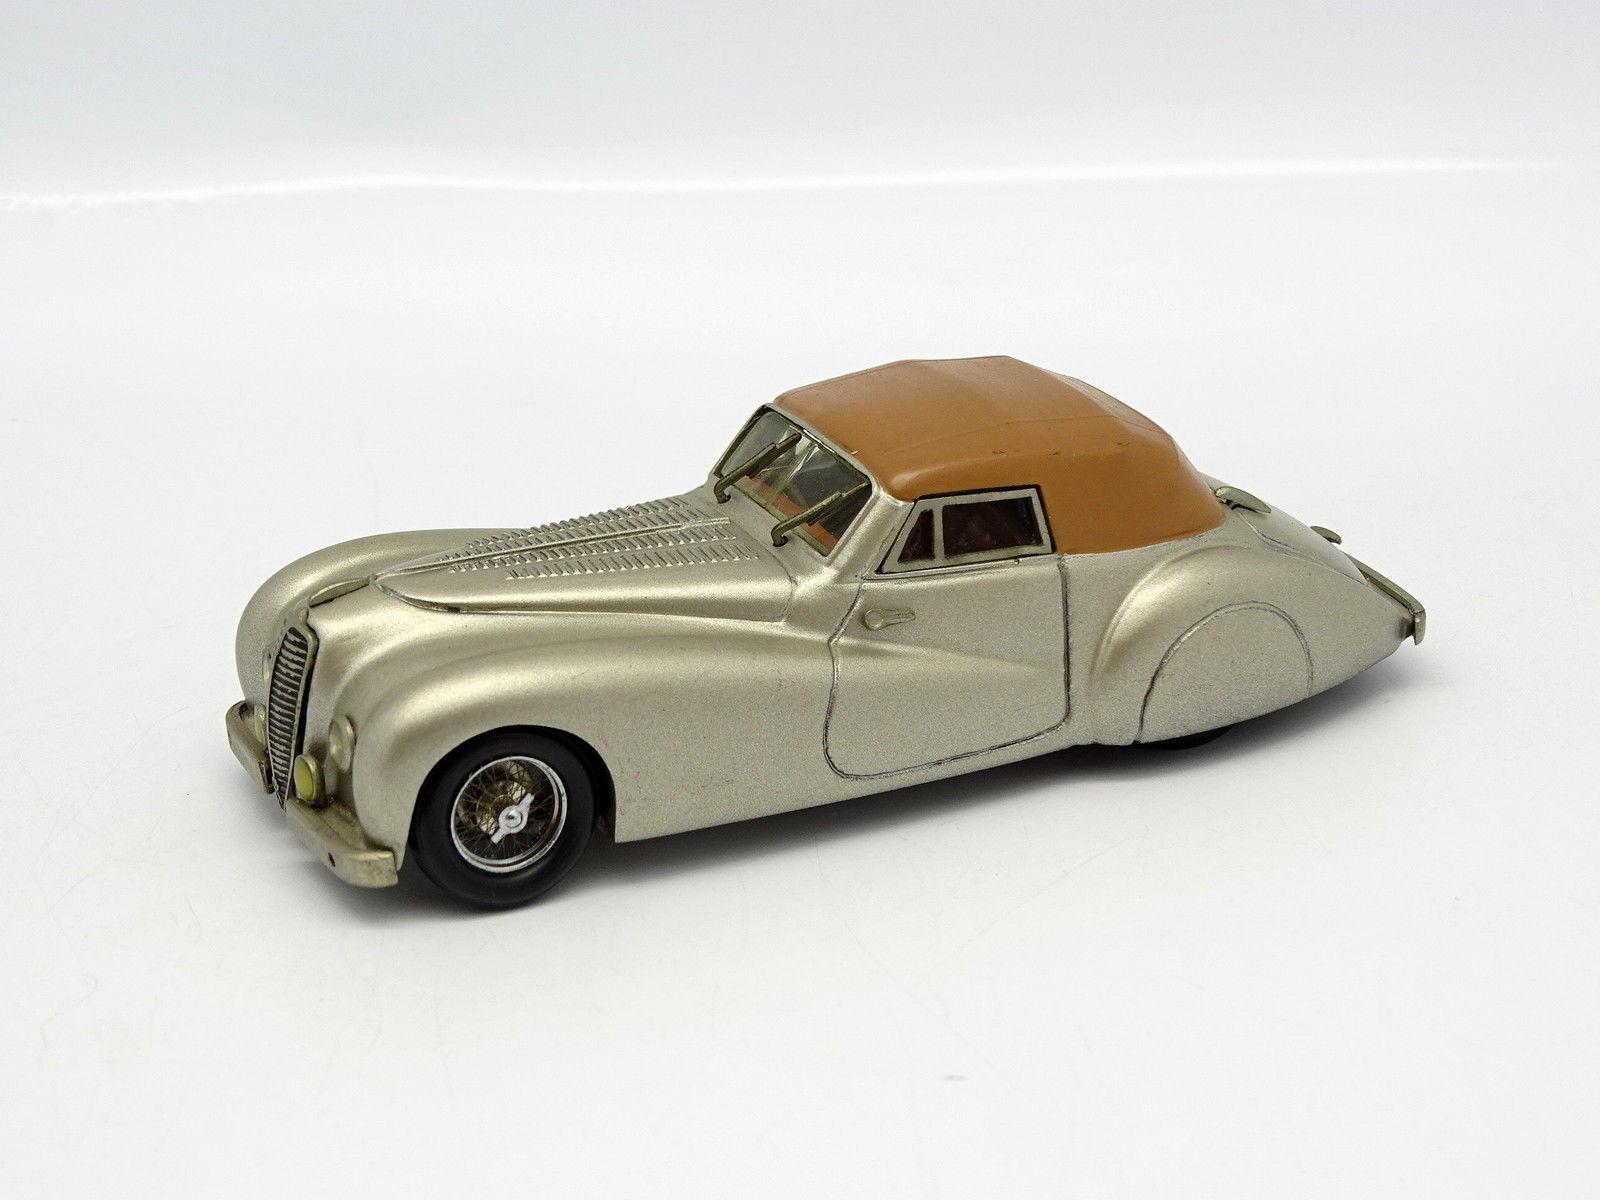 Belle Epoque Kit Monté 1/43 Delahaye 135 MS 1948 Pourtout Grise | Bonne Conception Qualité